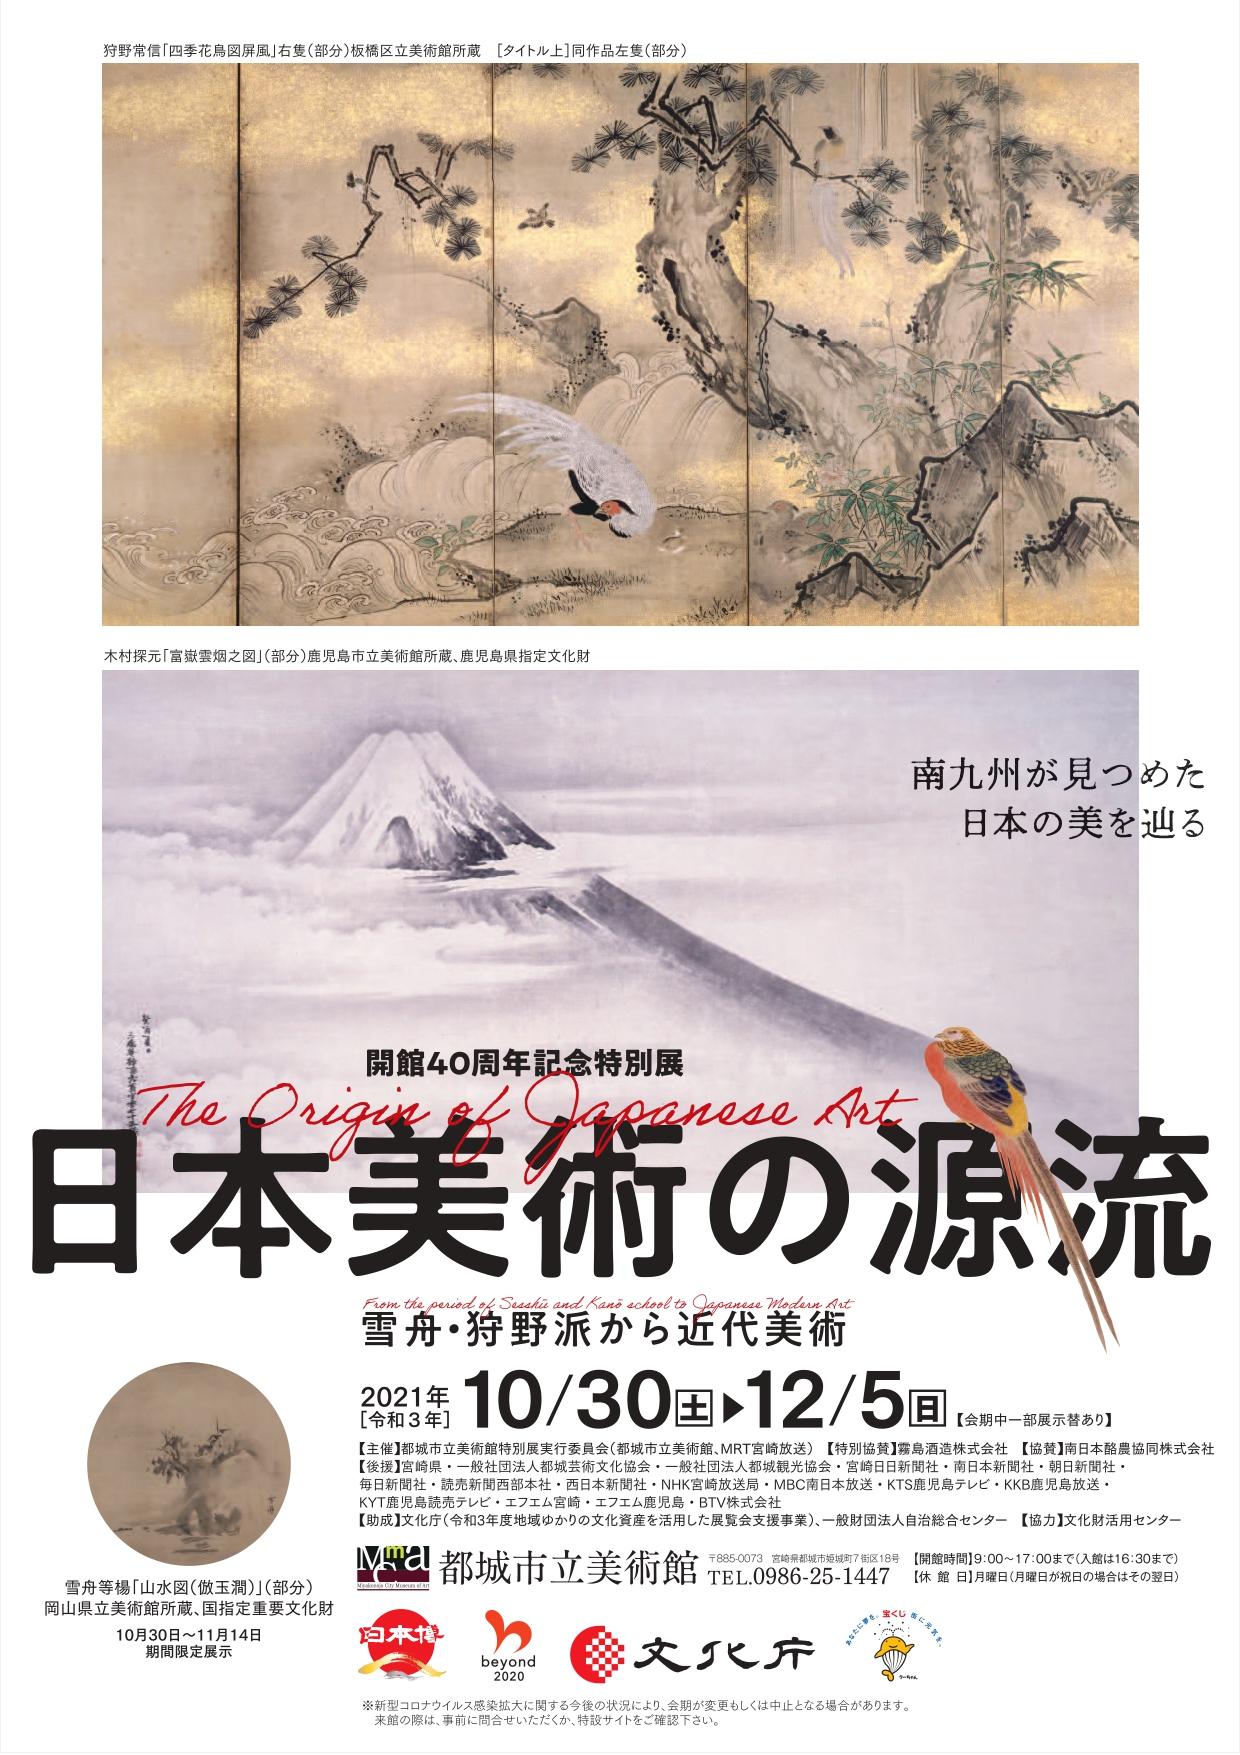 開館40周年記念特別展「日本美術の源流ー雪舟・狩野派から近代美術―」